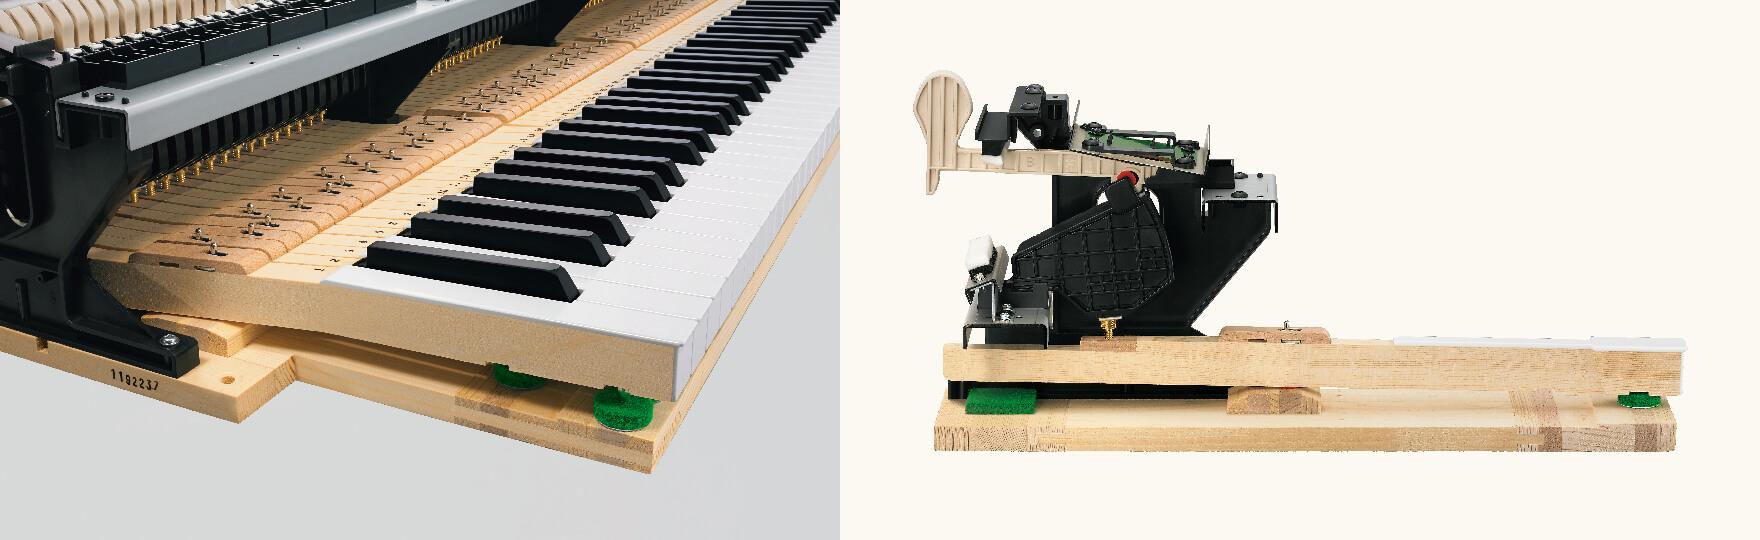 ナチュラルグランドハンマーアクション鍵盤 写真